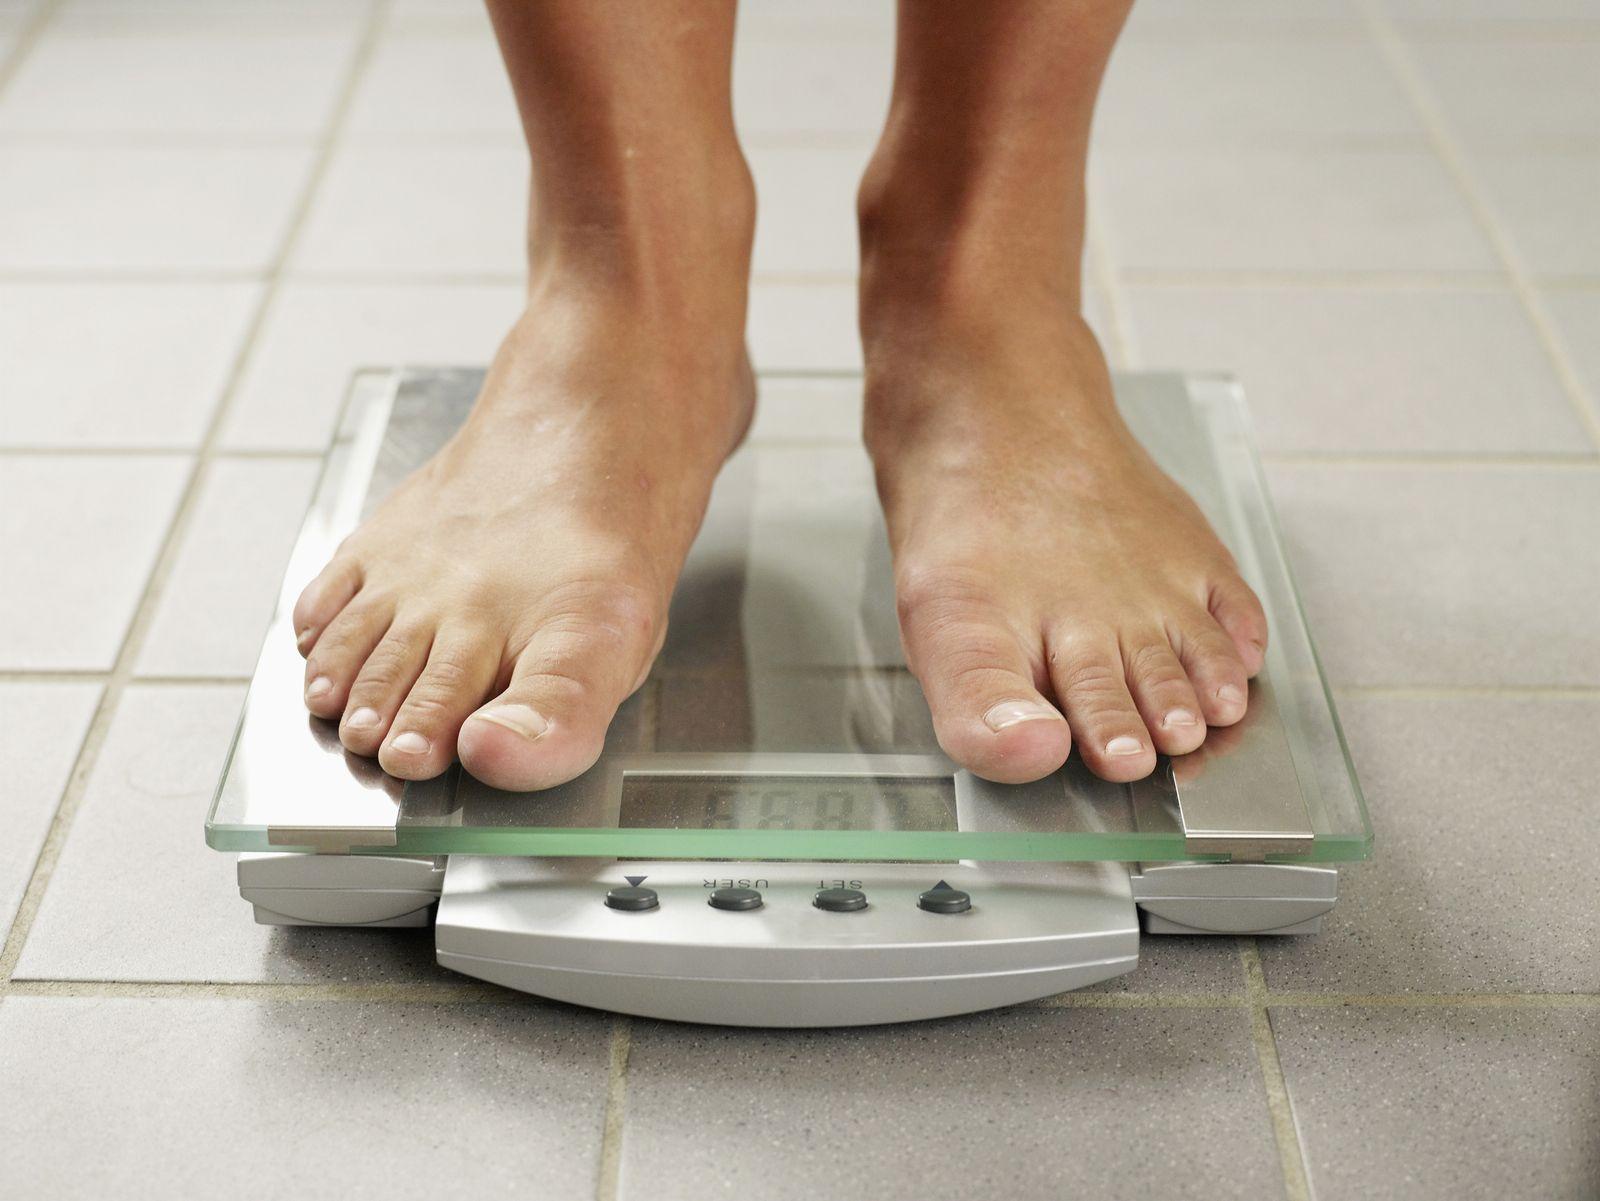 NICHT MEHR VERWENDEN! - Waage / Gewicht